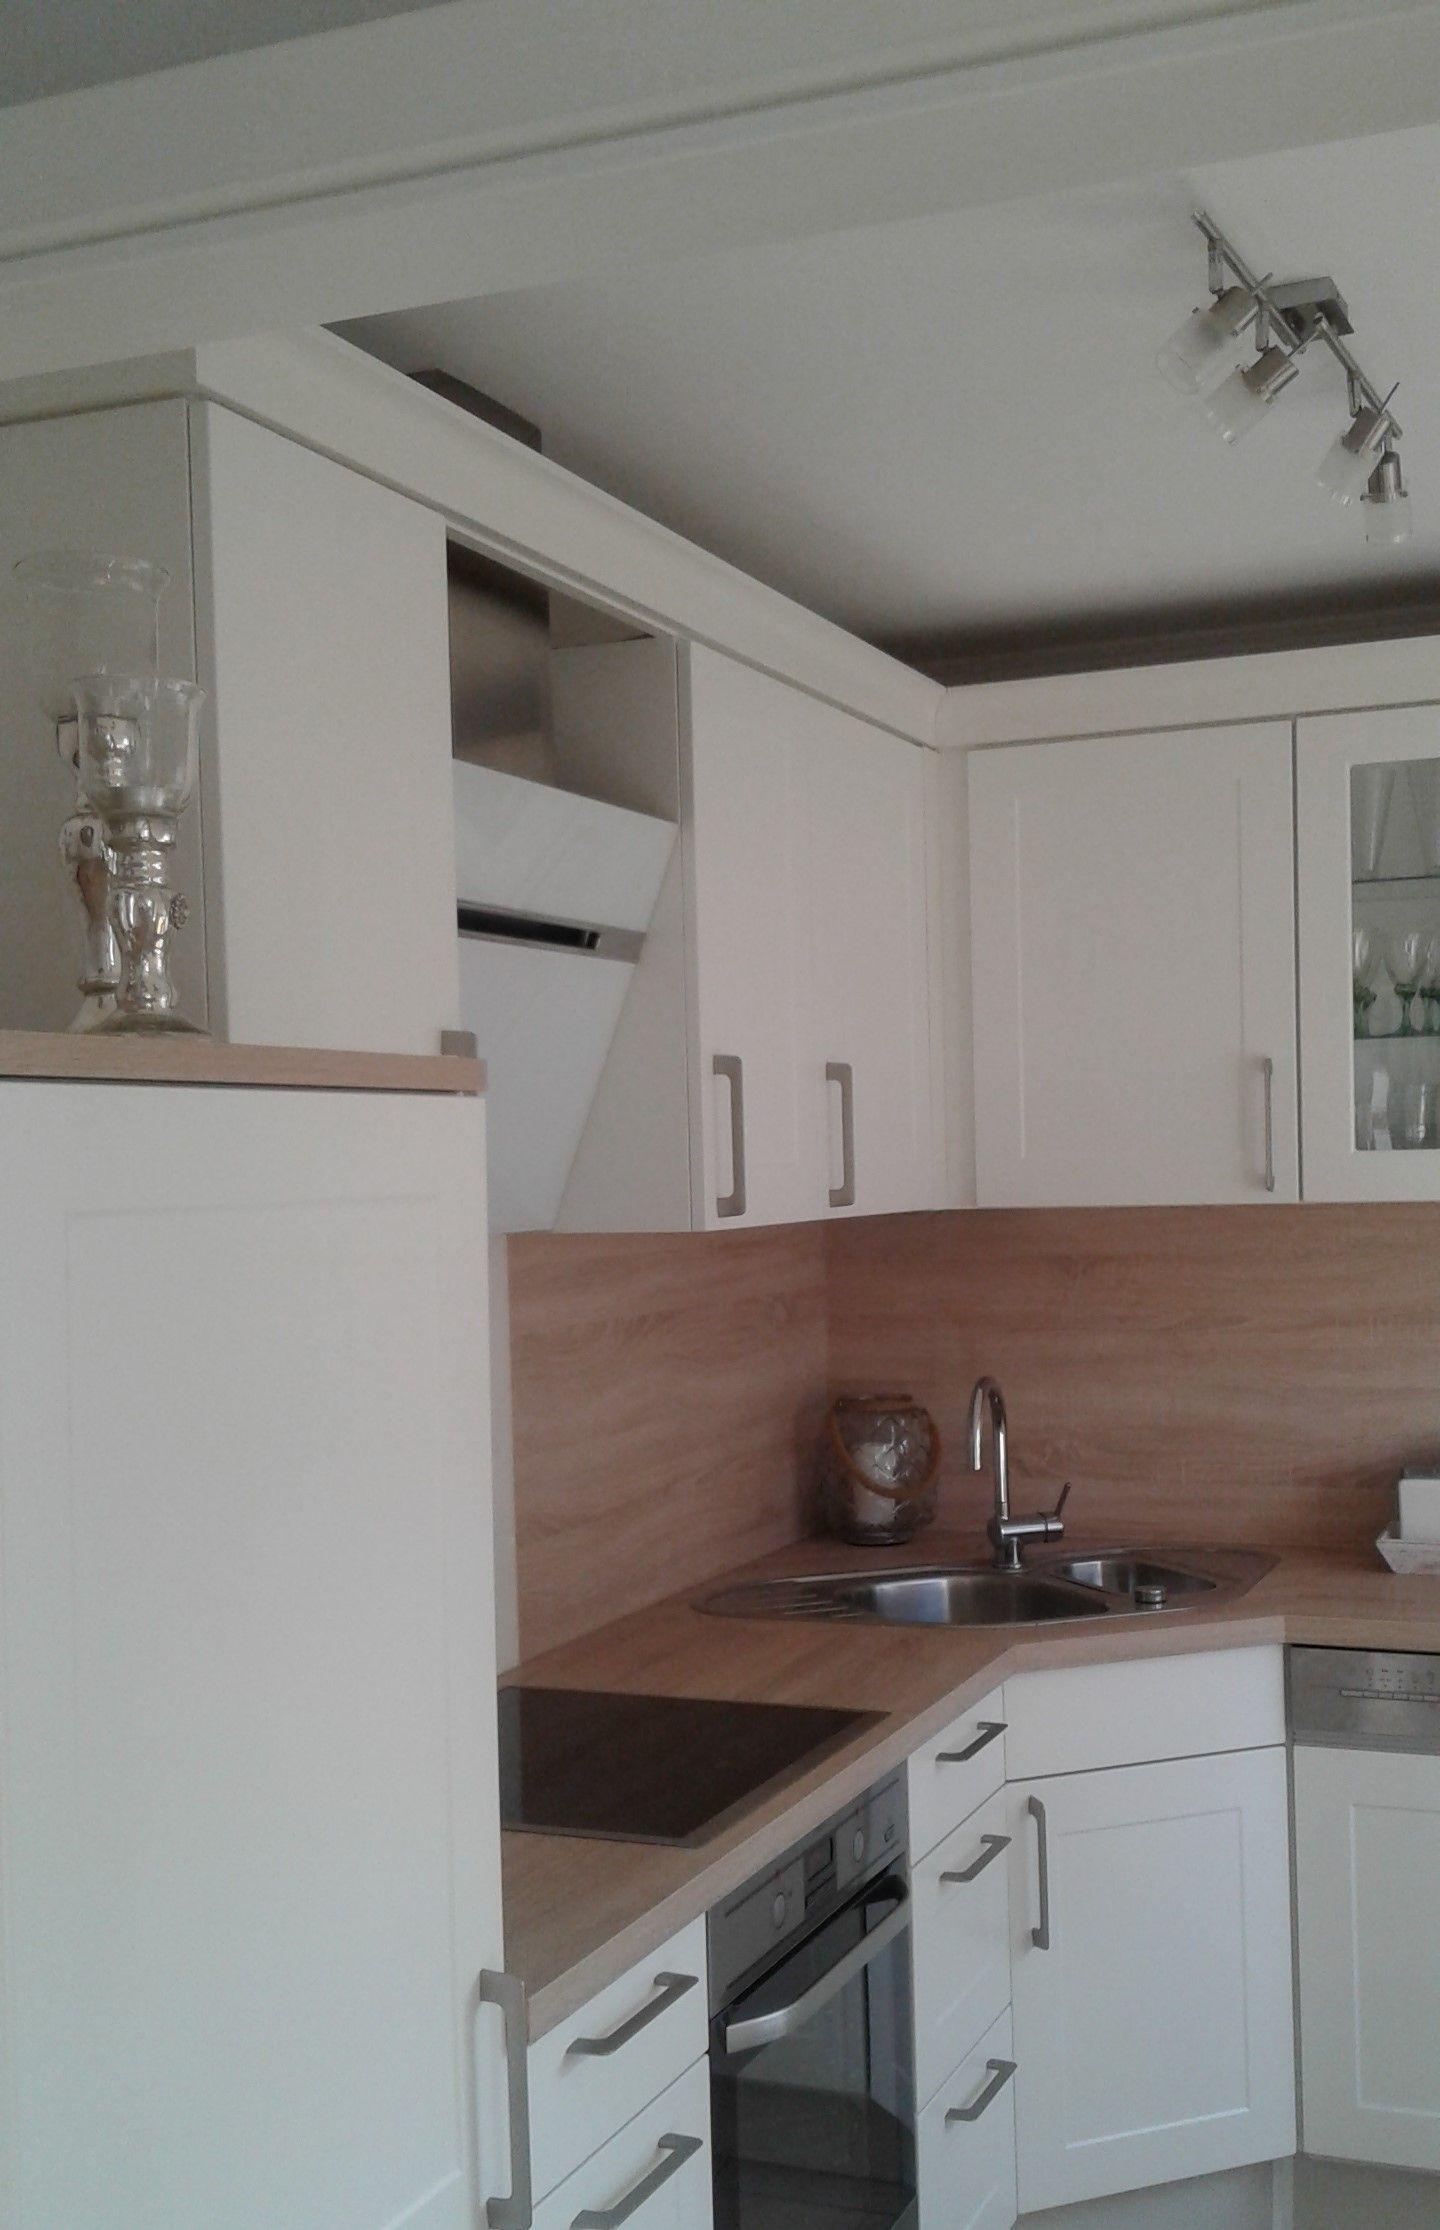 moderne landhausk che in wei arbeitsplatte und r ckwand in eiche wohnen pinterest. Black Bedroom Furniture Sets. Home Design Ideas